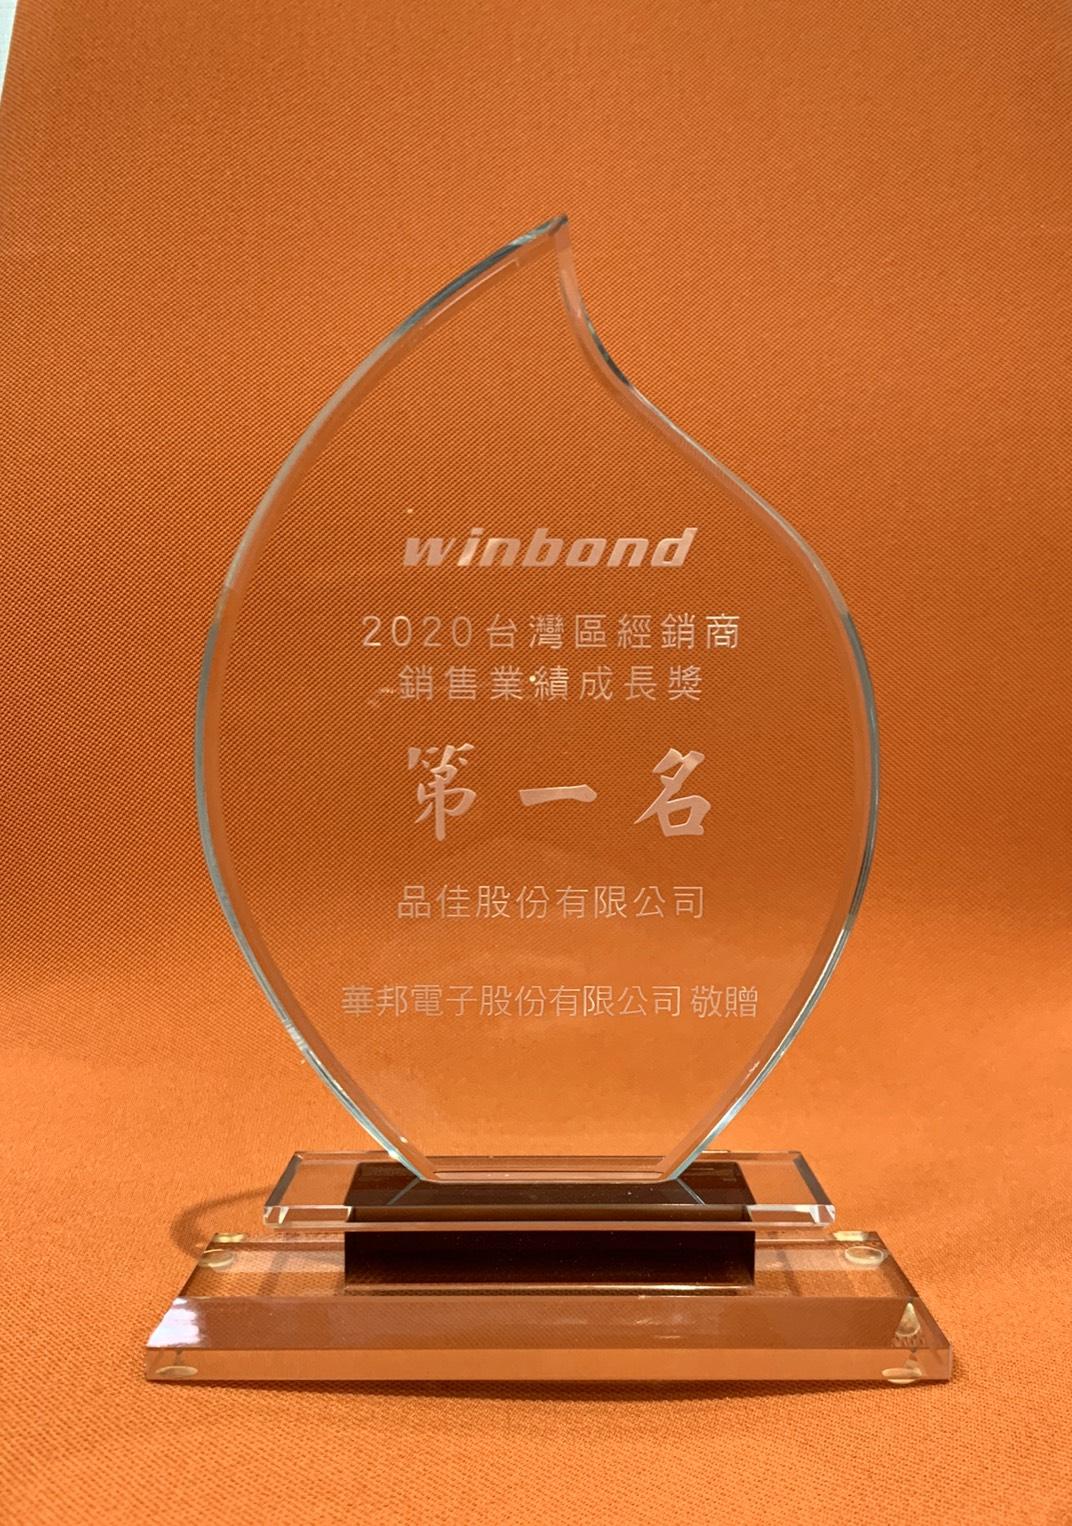 2020台灣區經銷商銷售業績成長獎-第一名